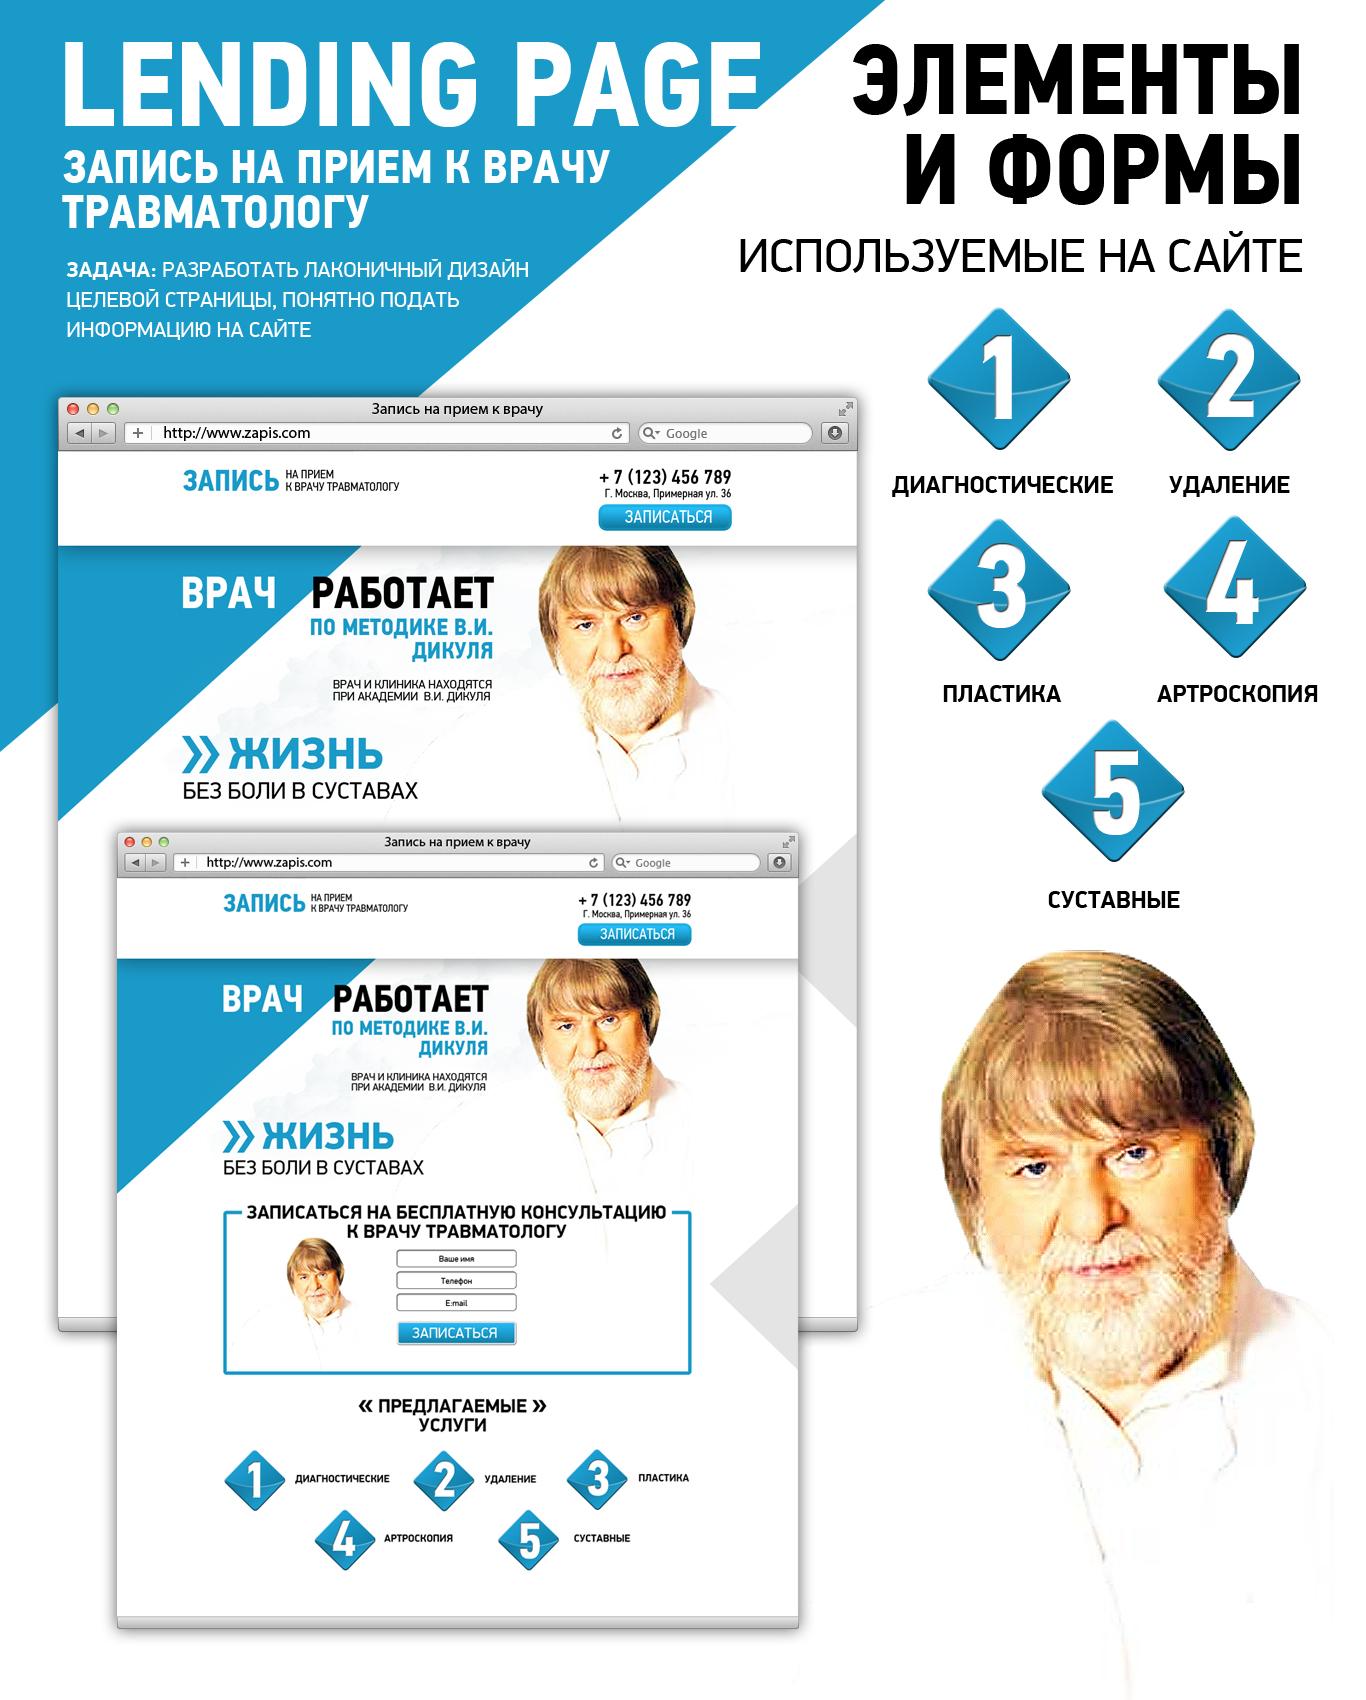 Записаться к врачу травматологу Запись к кардиологу